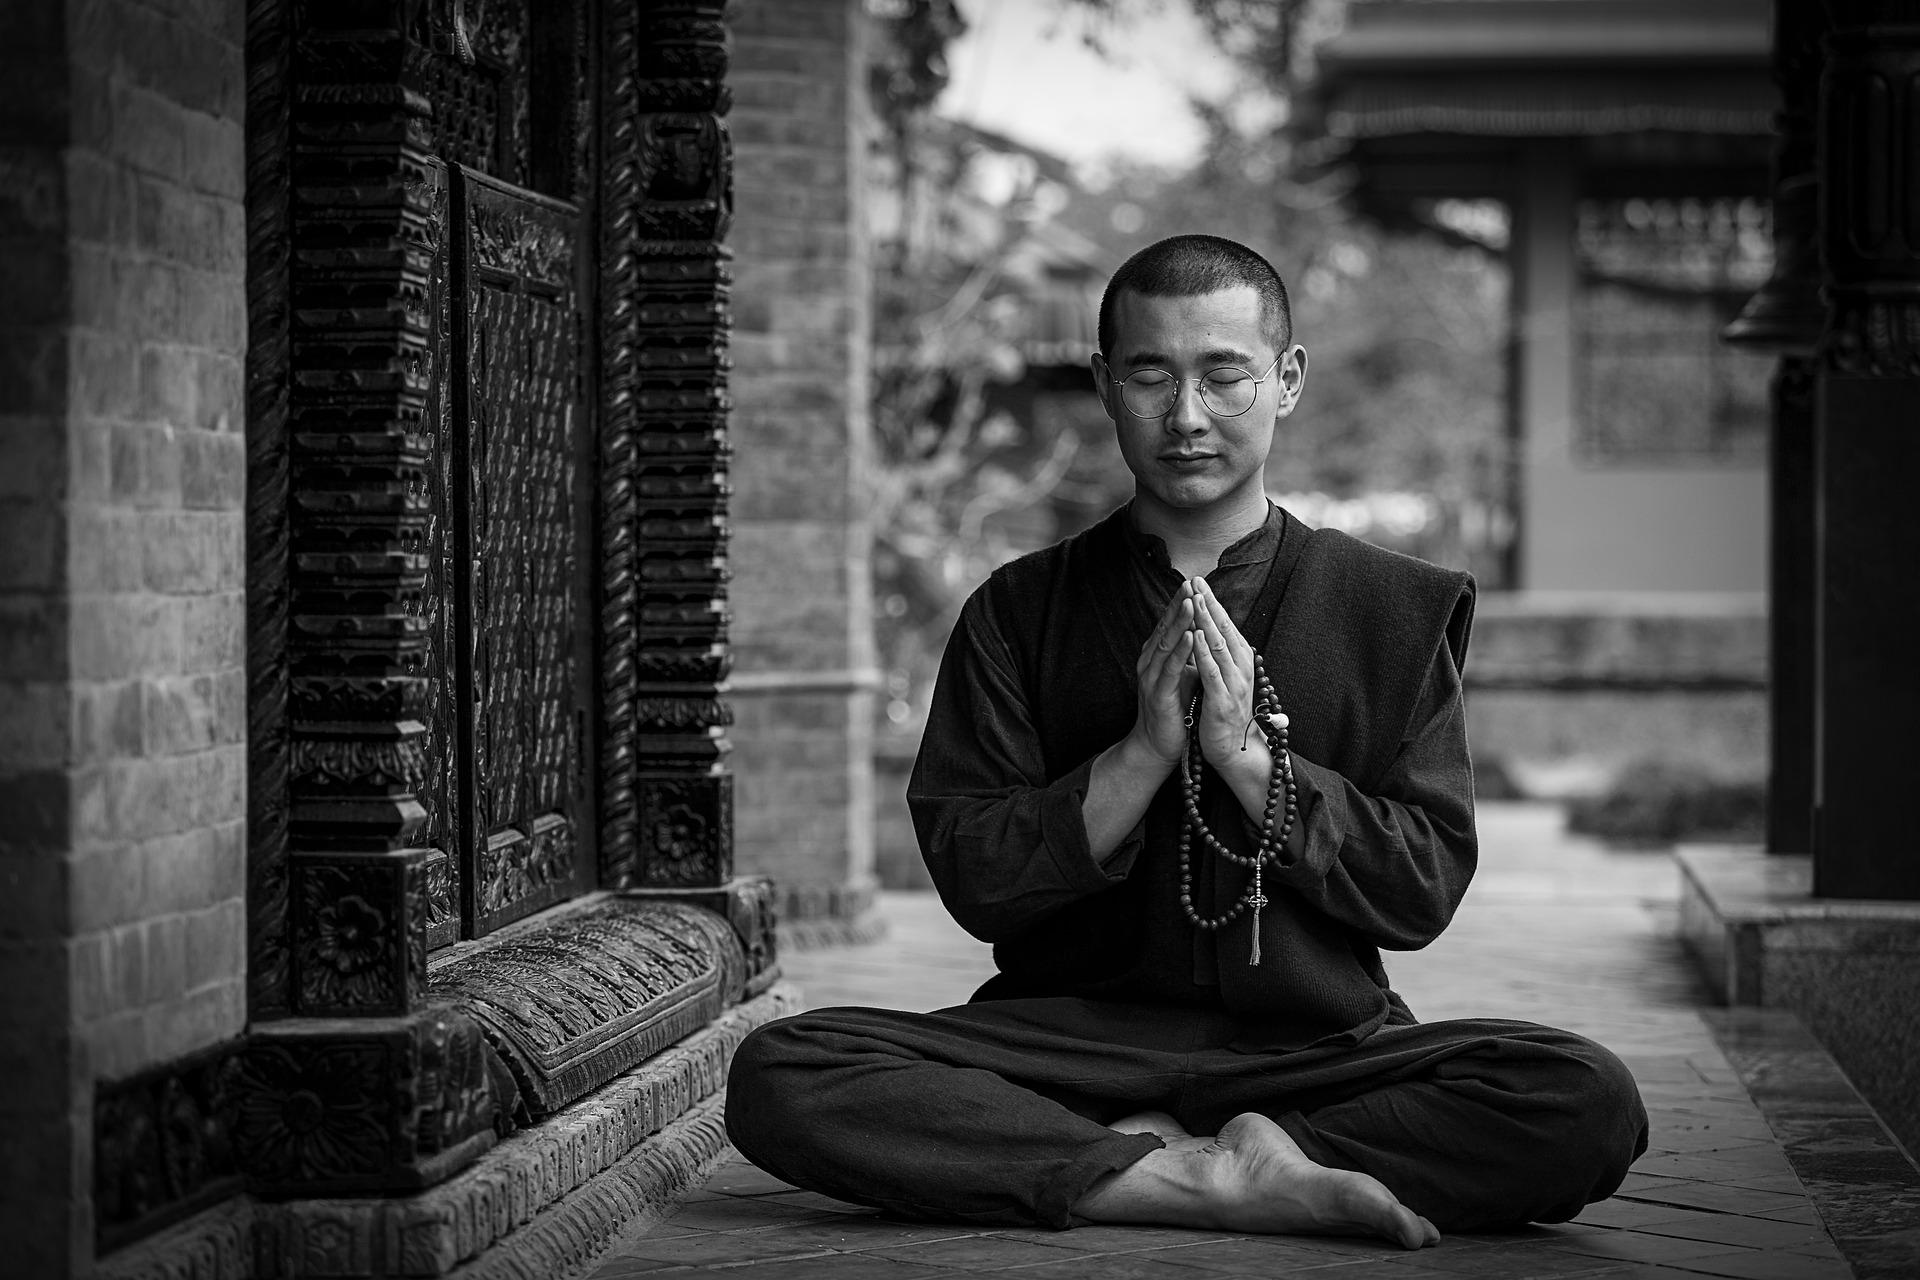 Mann-meditiert-mit-Rosenkranz-in-der-Hand